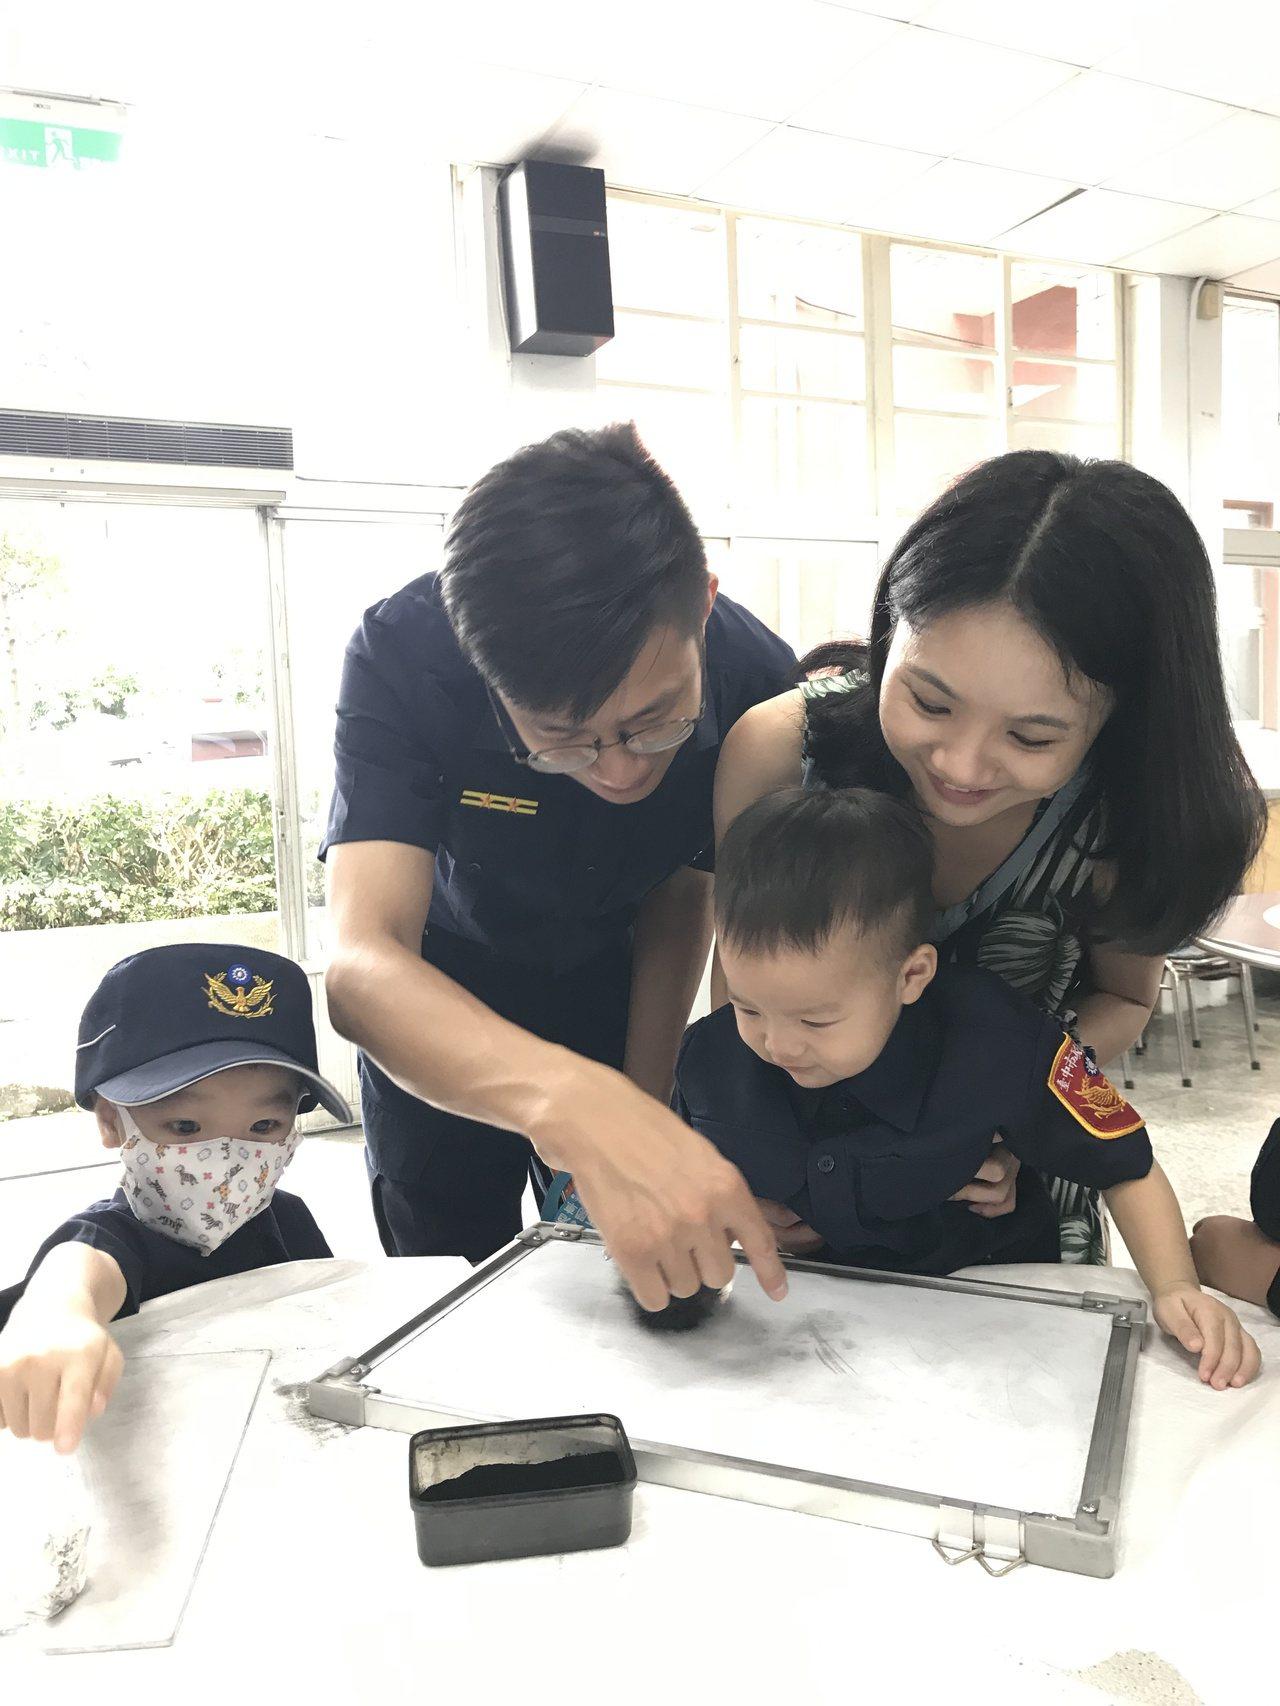 小朋友在鑑識闖關相當專注,與父母一起觀察碳粉的變化。記者林佩均/攝影